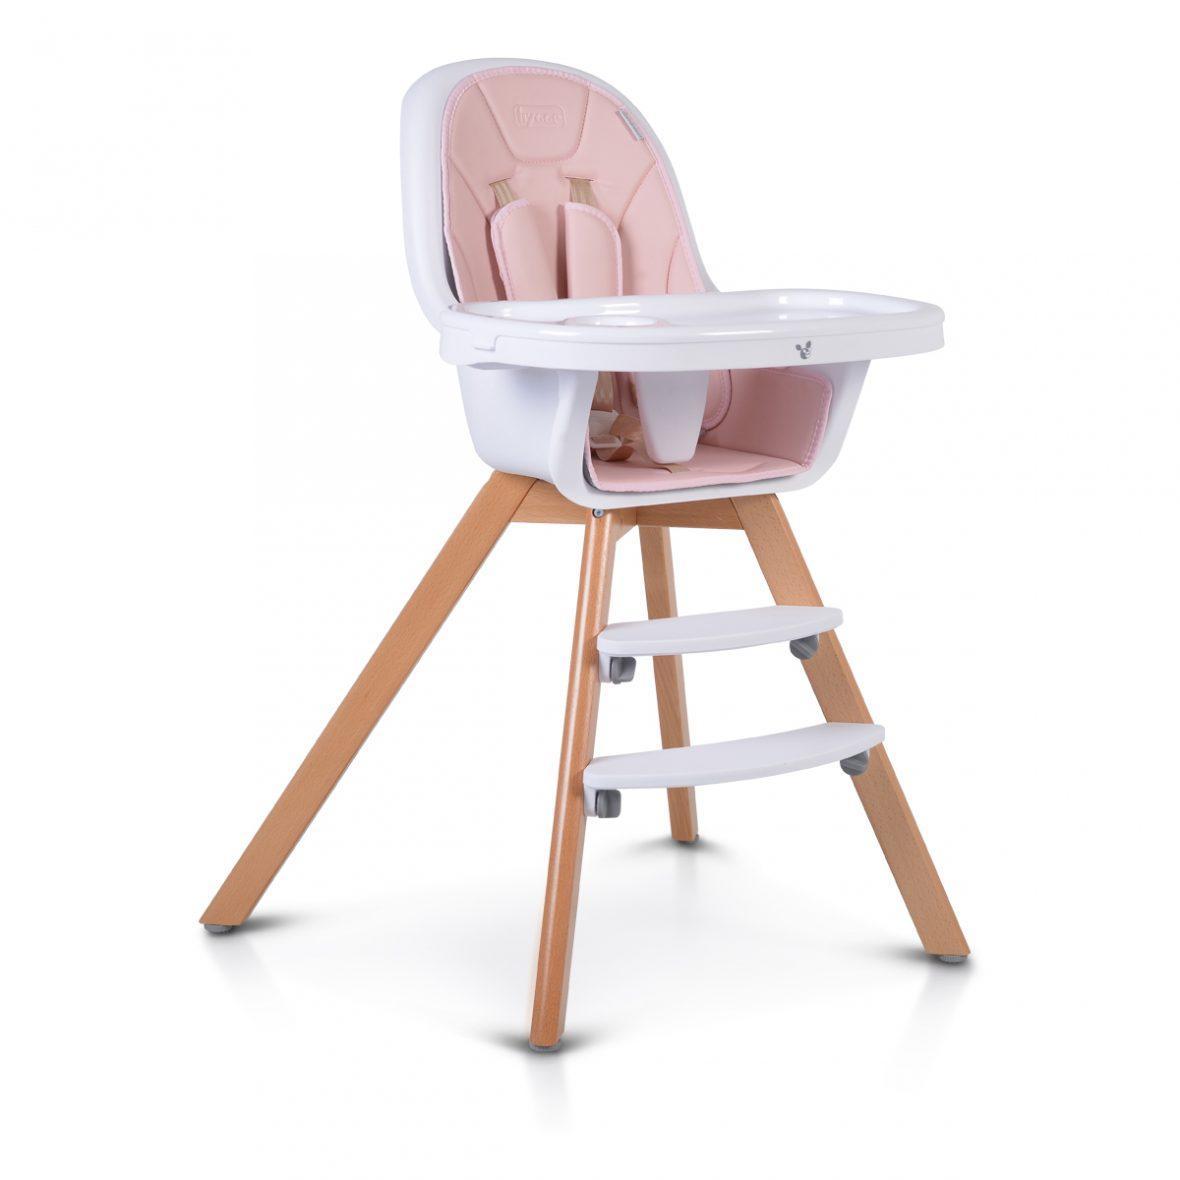 Lesen stolček za hranjenje HYGGE 2v1, roza